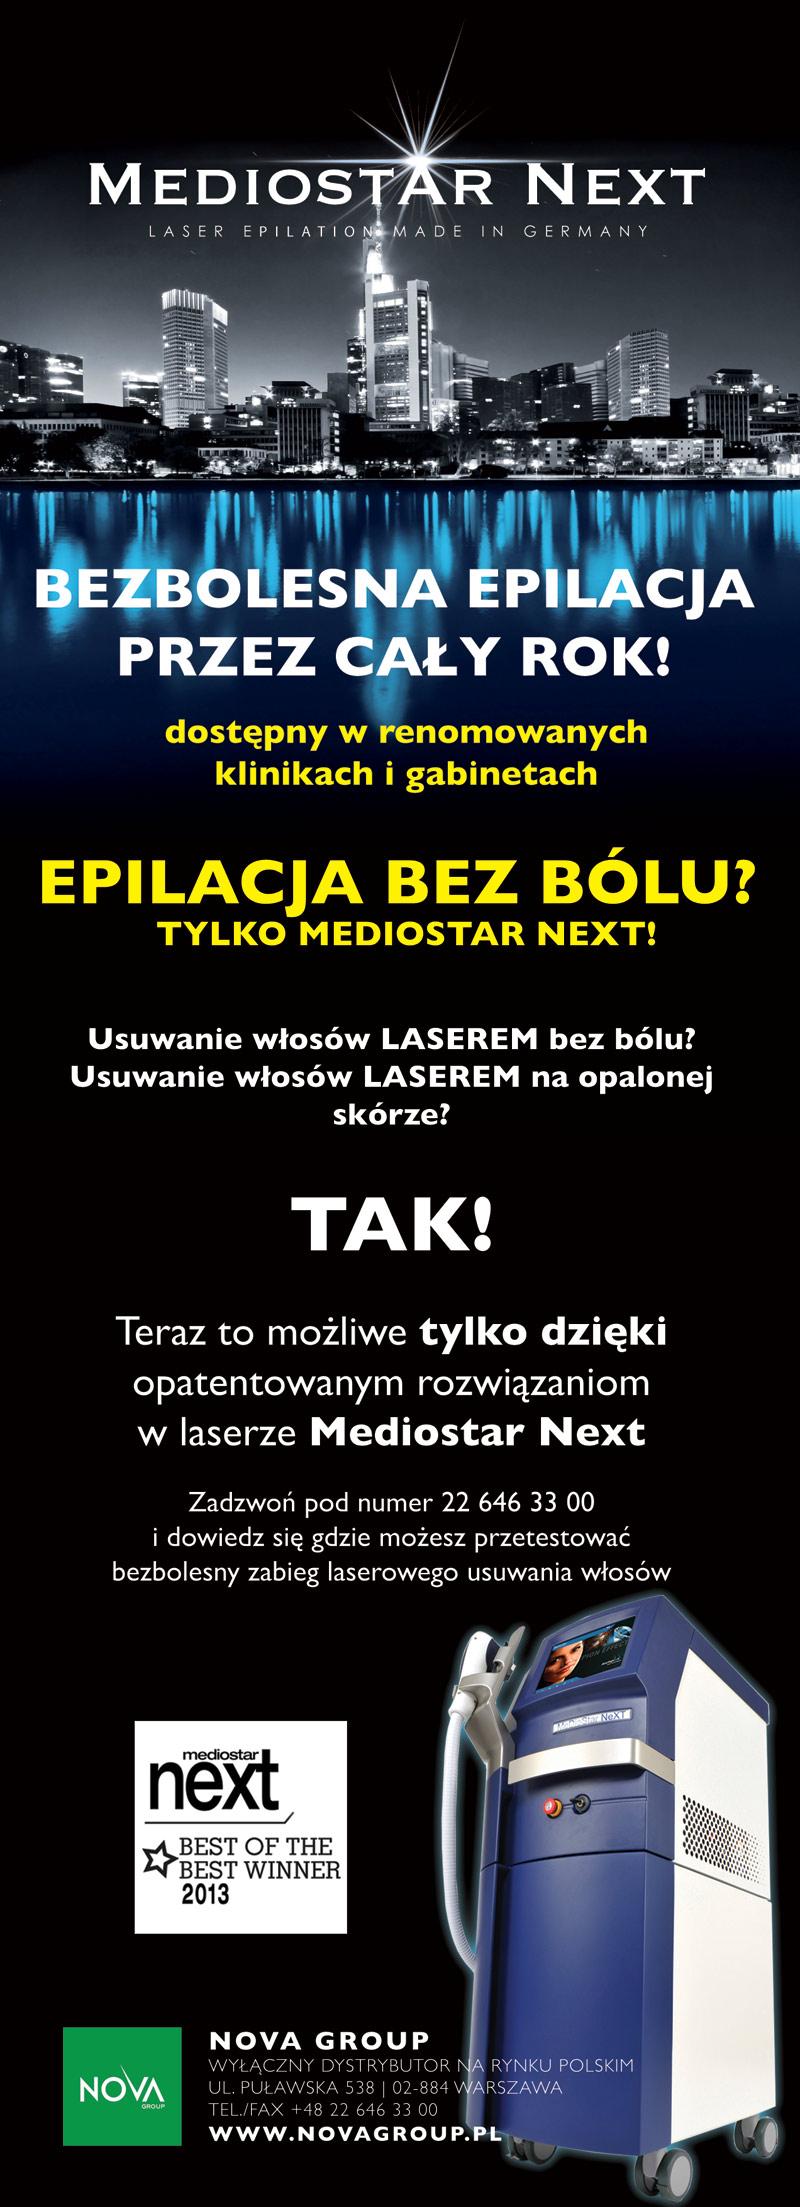 MEDIOSTAR-NEXT-reklama-052014-v2